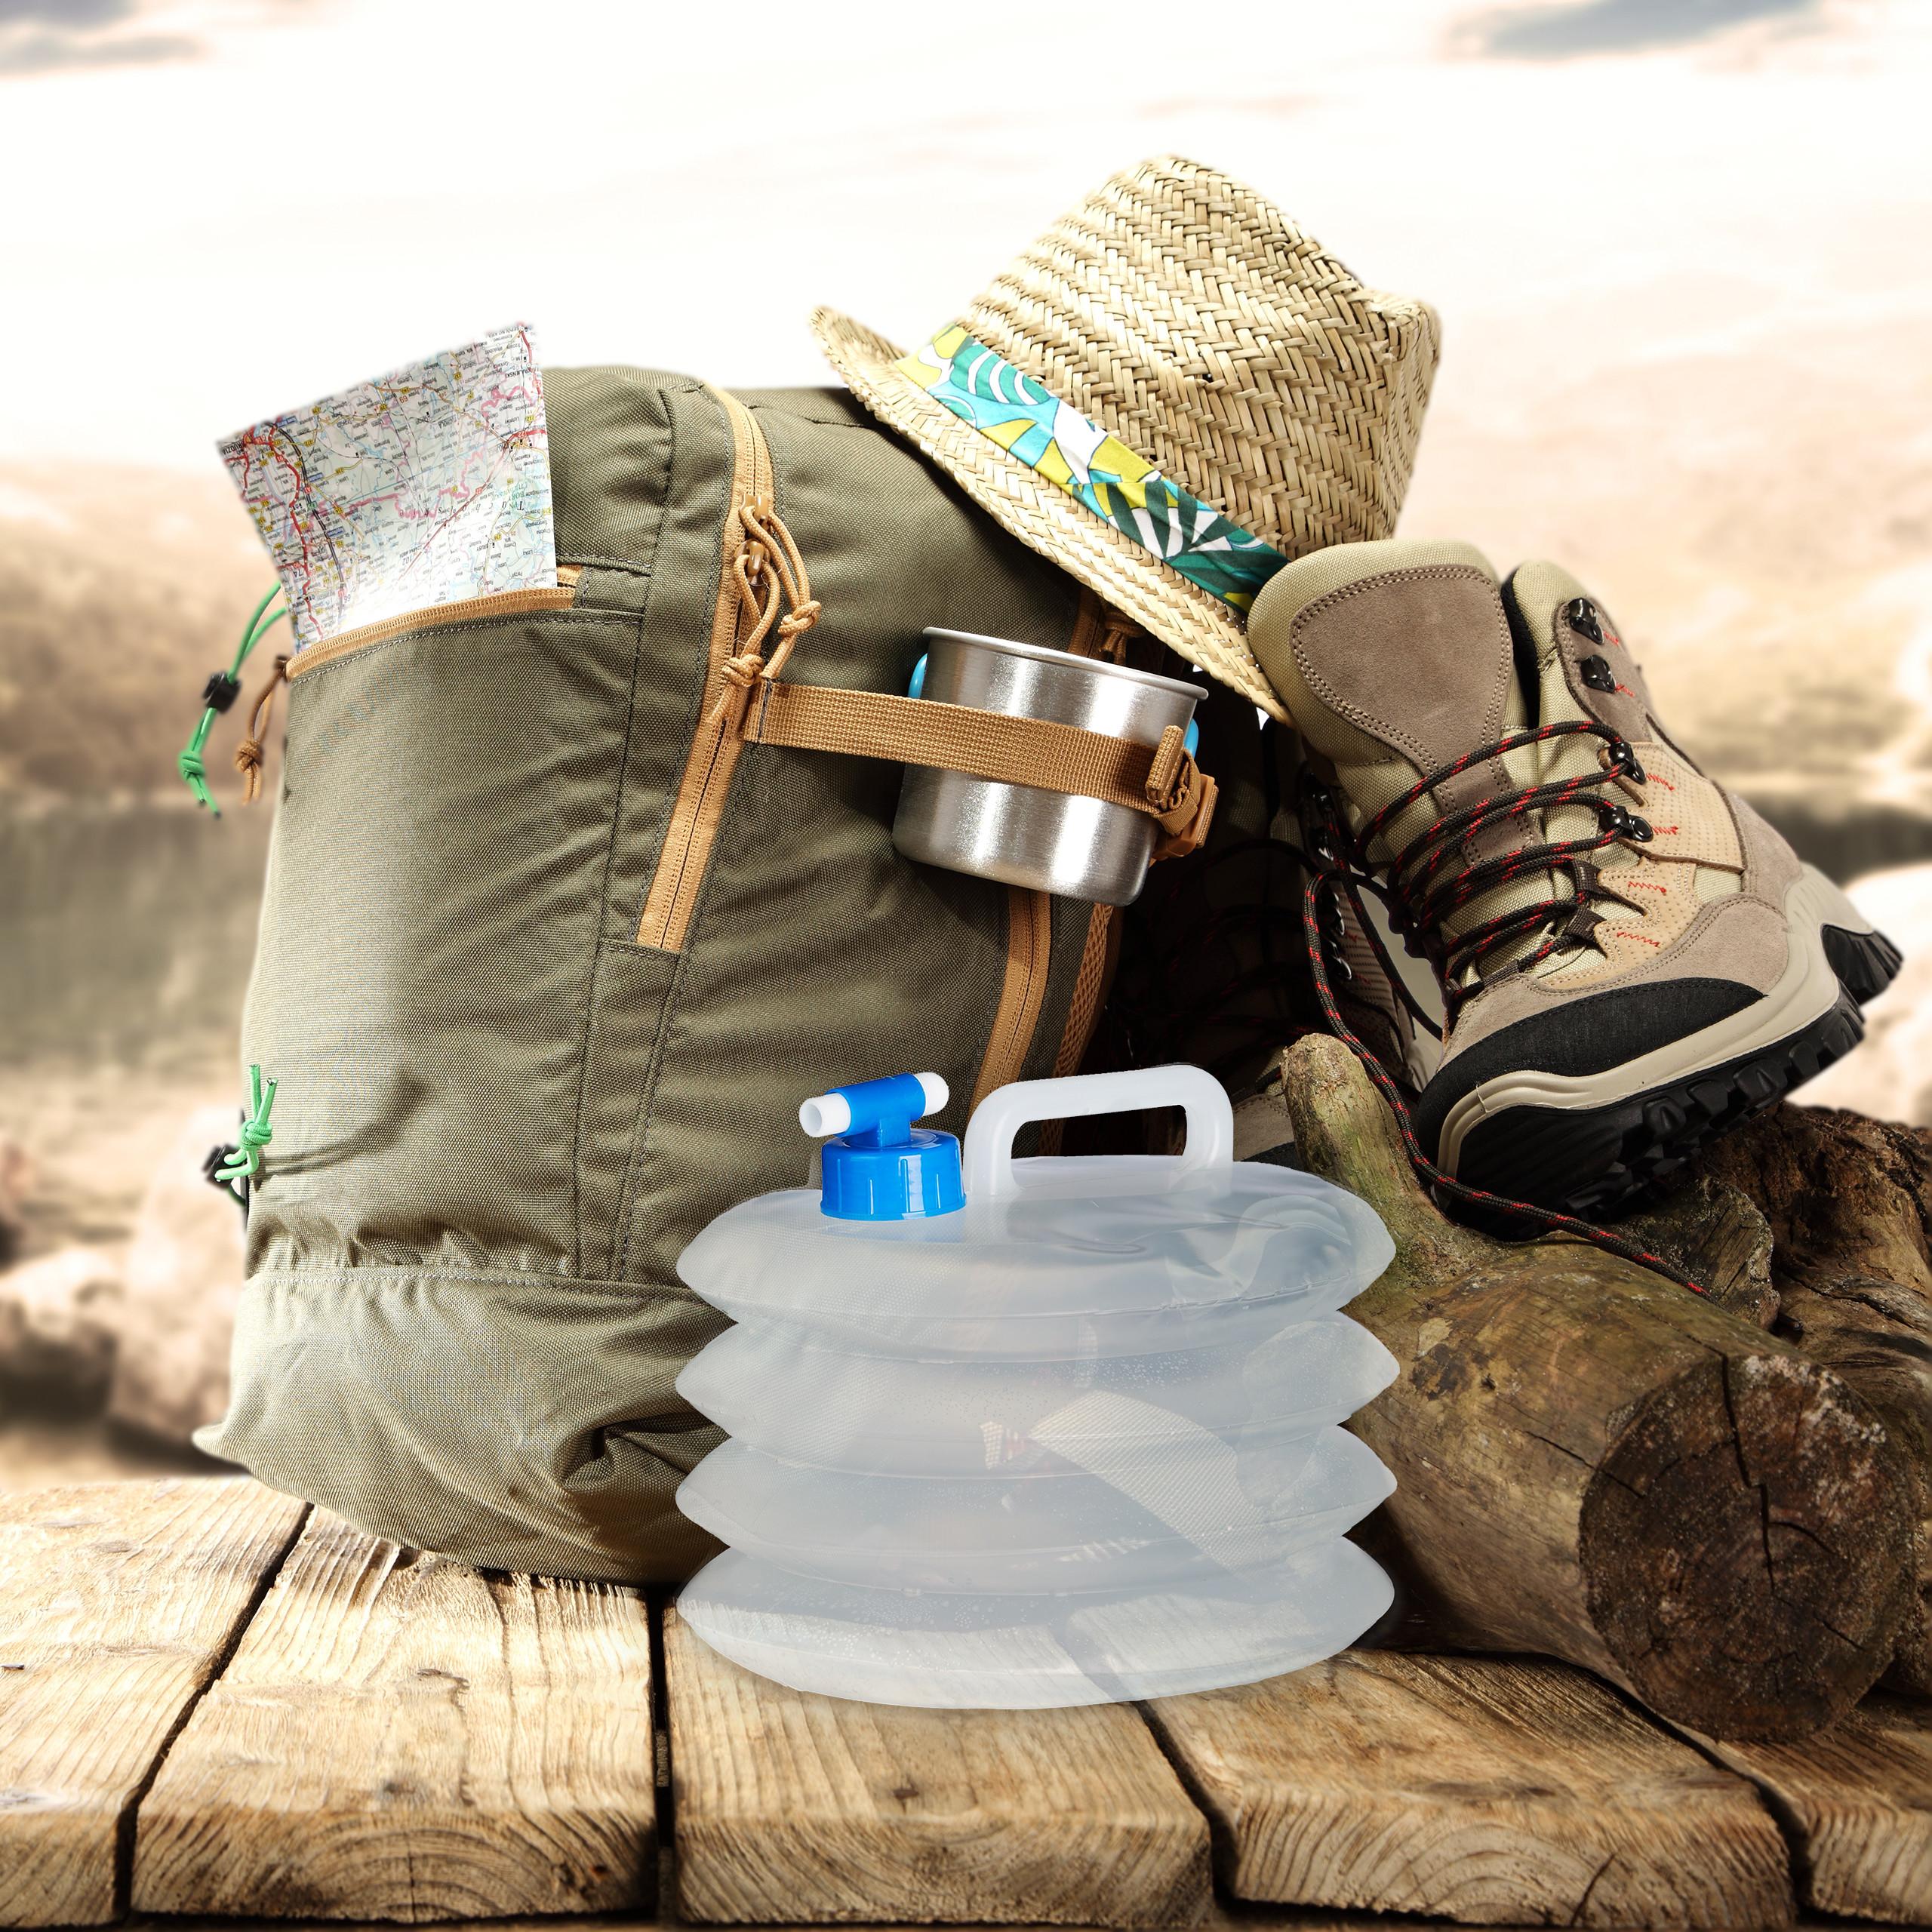 Indexbild 9 - Wasserkanister faltbar 4er Set Faltkanister Camping Trinkwasserkanister BPA frei